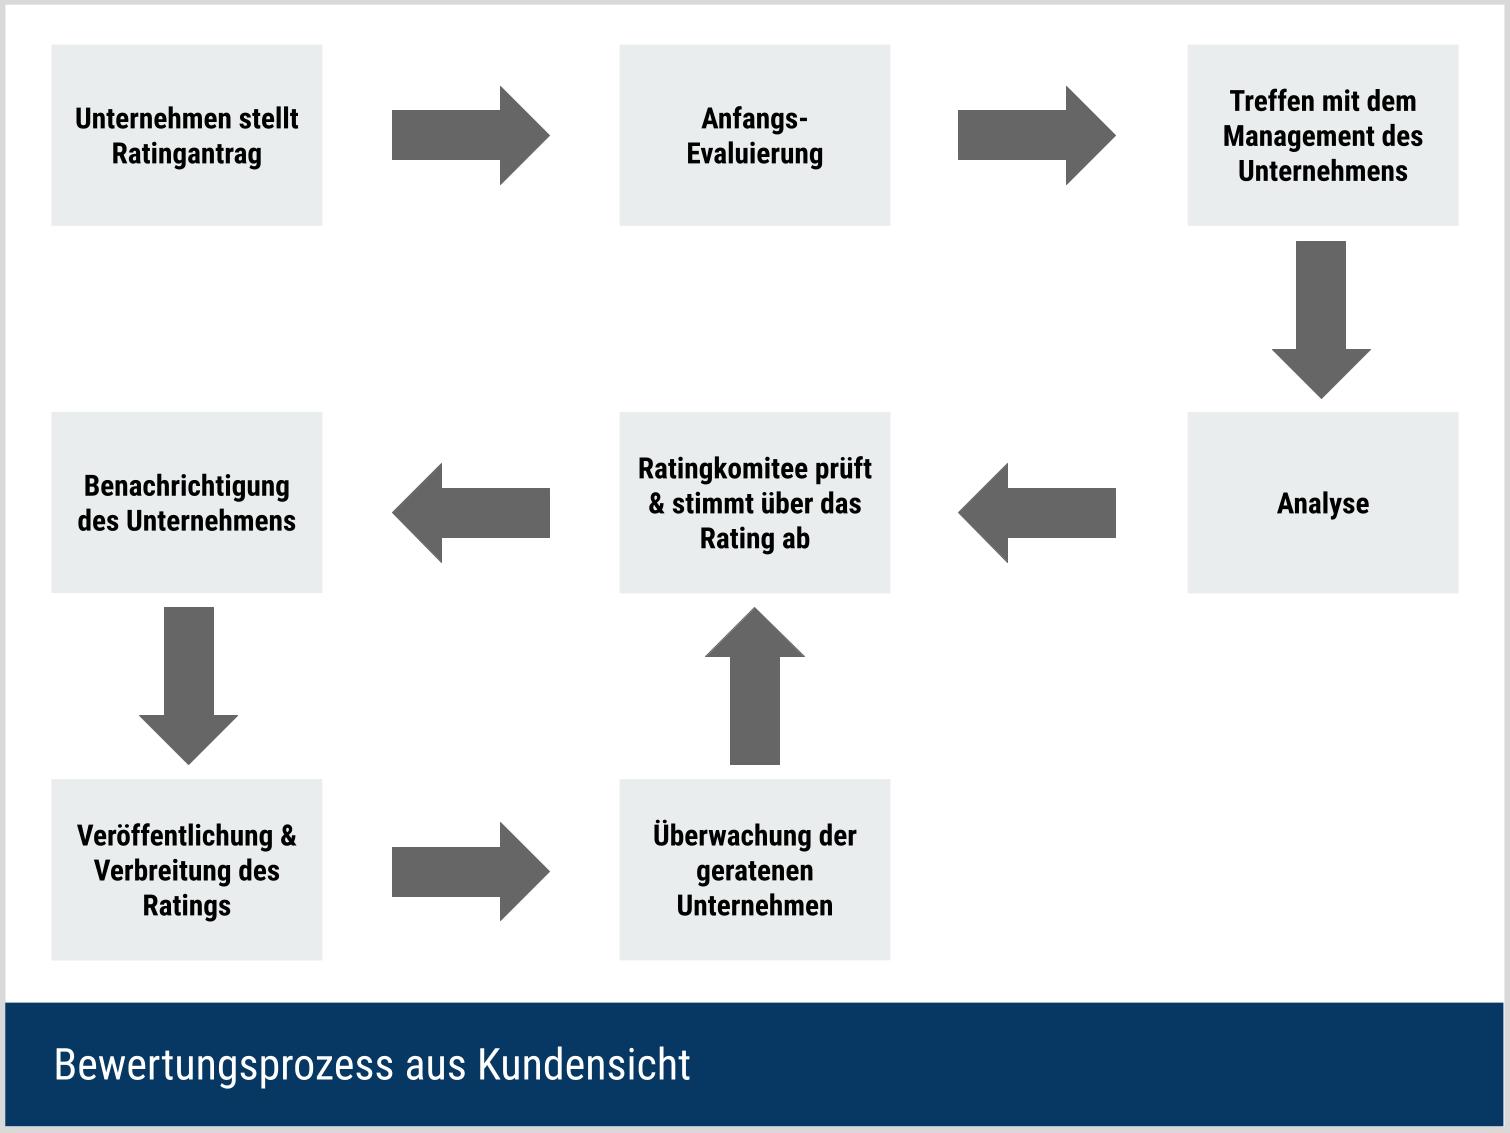 Bewertungsprozess aus Kundensicht